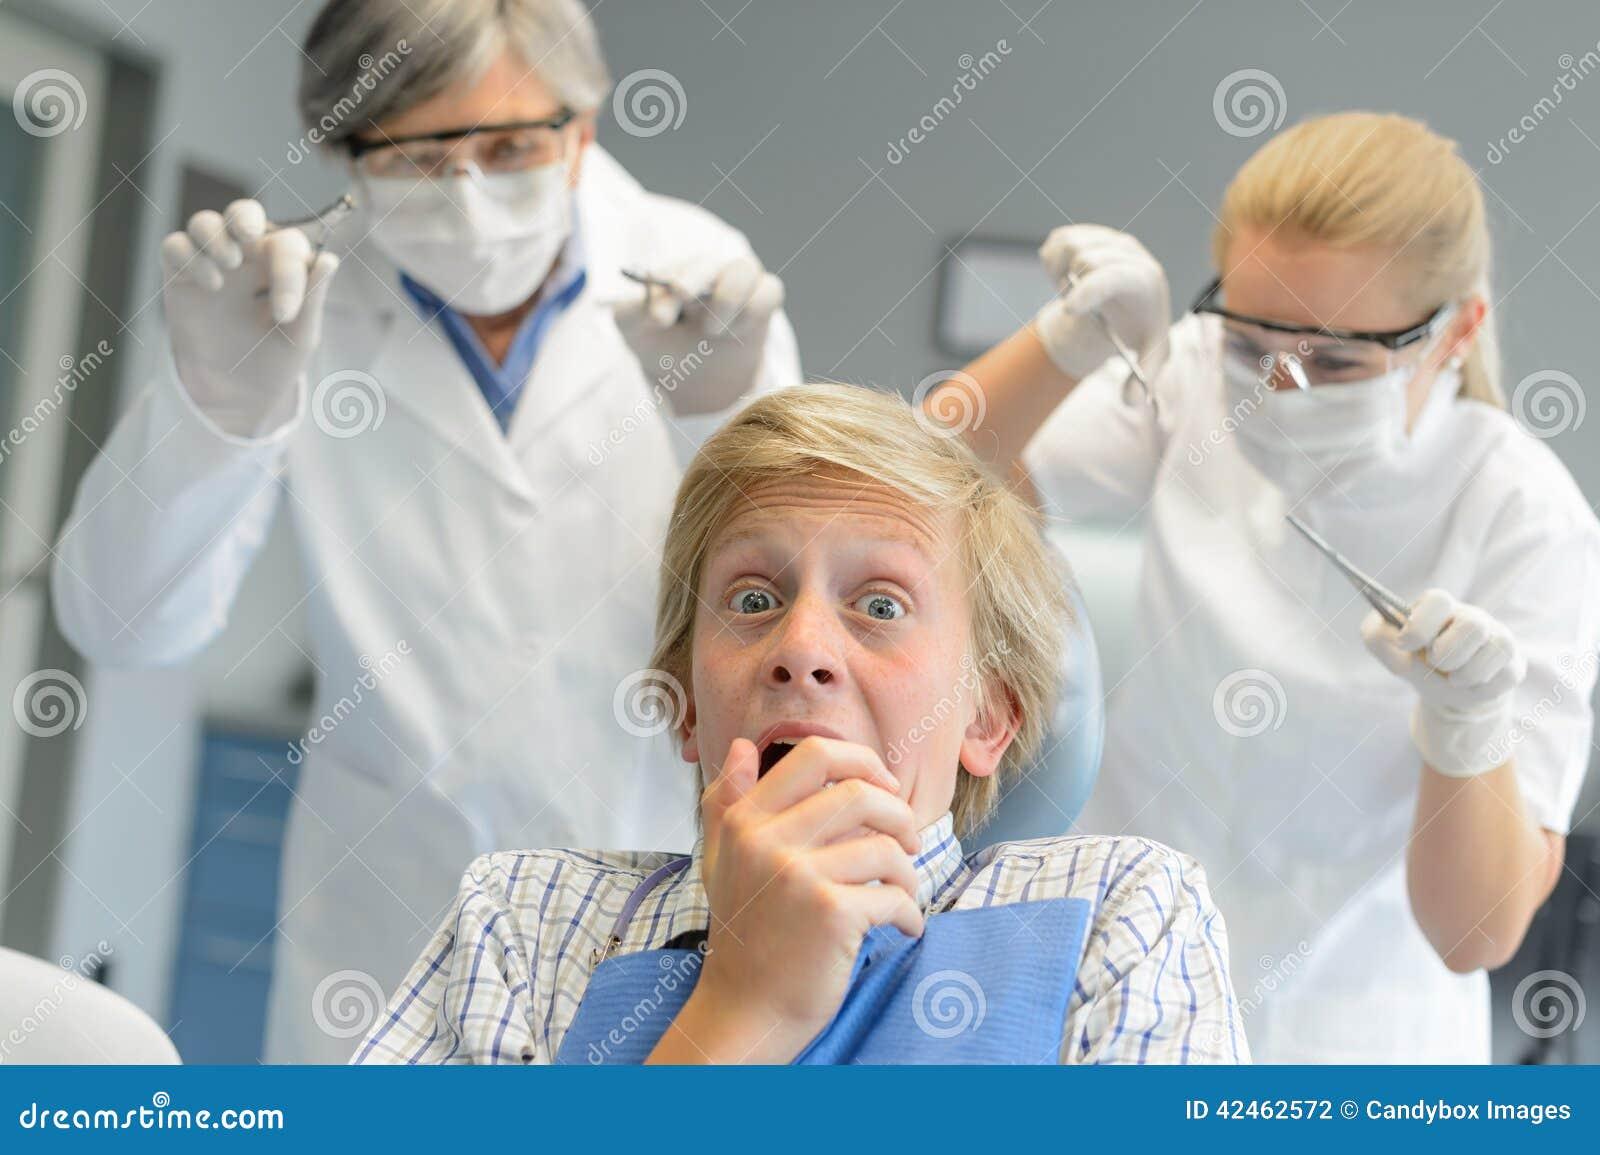 Erschrockener Jugendpatient erschrecken Zahnarzt und Krankenschwester